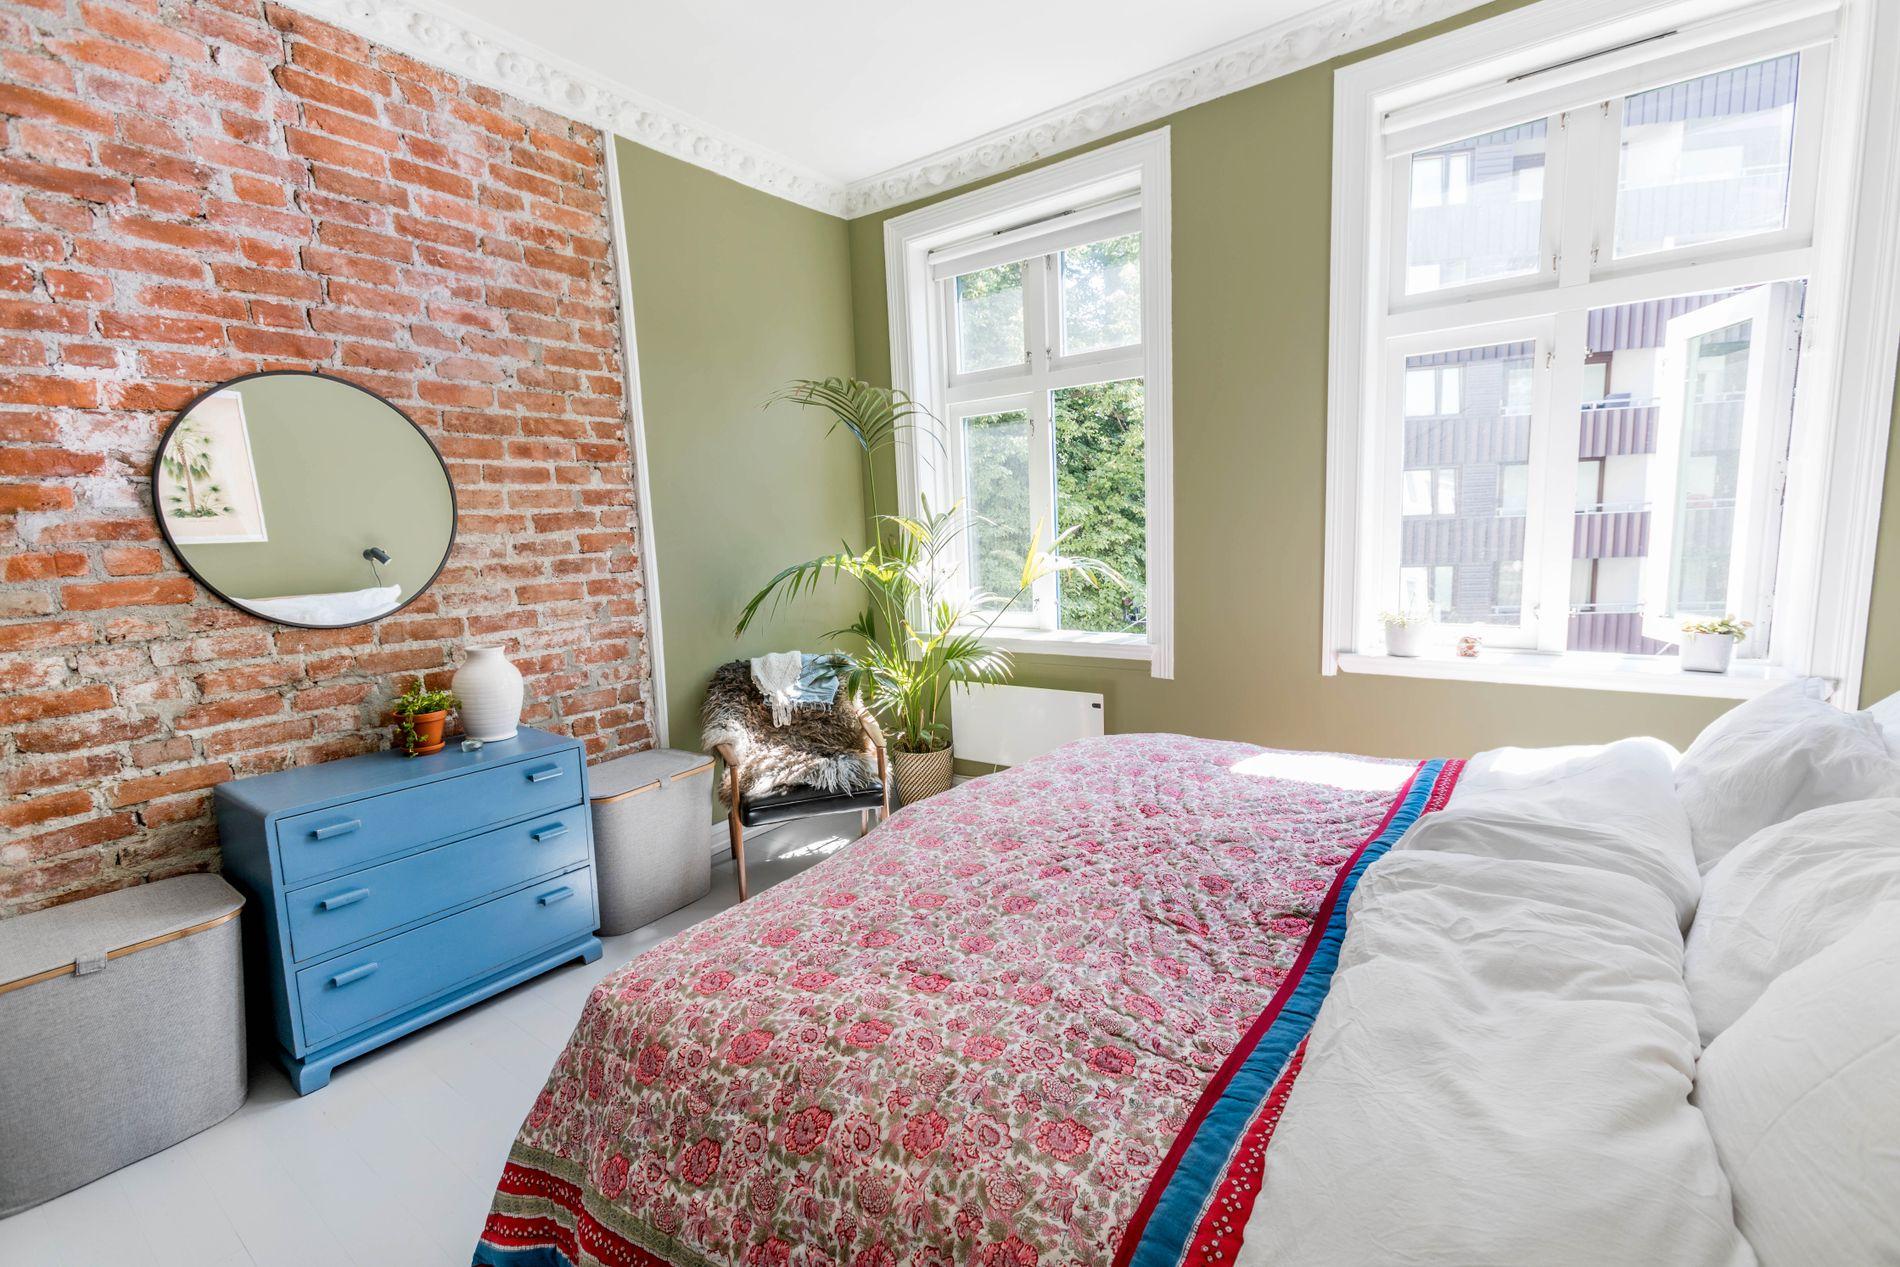 Gammelt og nytt i flere farger på soverommet. Det lyse soverommet har fått grønnmalte vegger. Eline Eide syntes det passet fint siden grønt symboliserer ny start og ny energi.